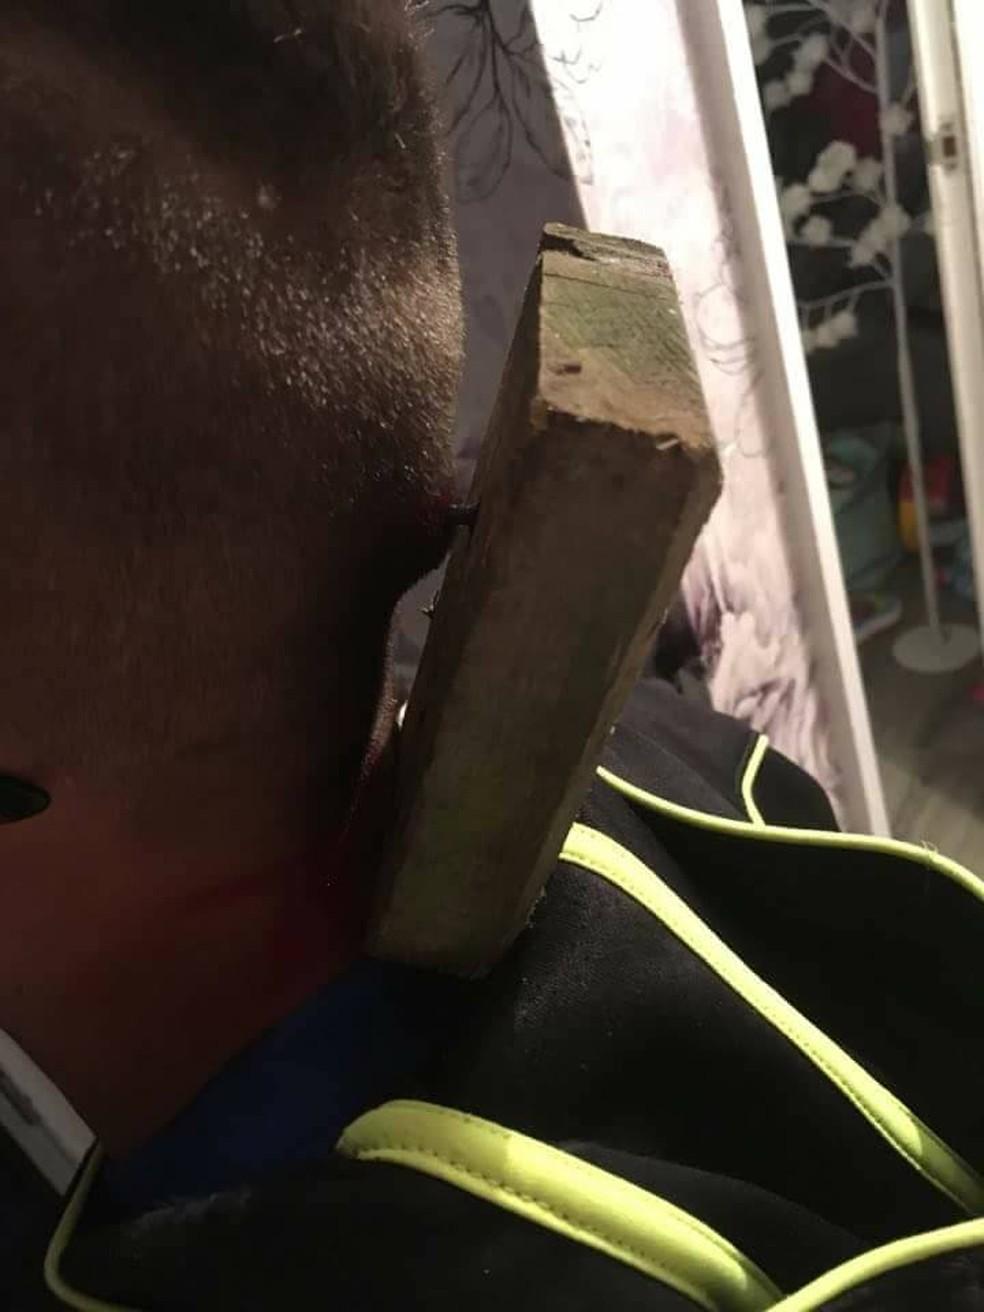 Prego ficou preso à cabeça do garoto junto ao pedaço de madeira (Foto: Reprodução / Facebook/ Natasha Chambers)